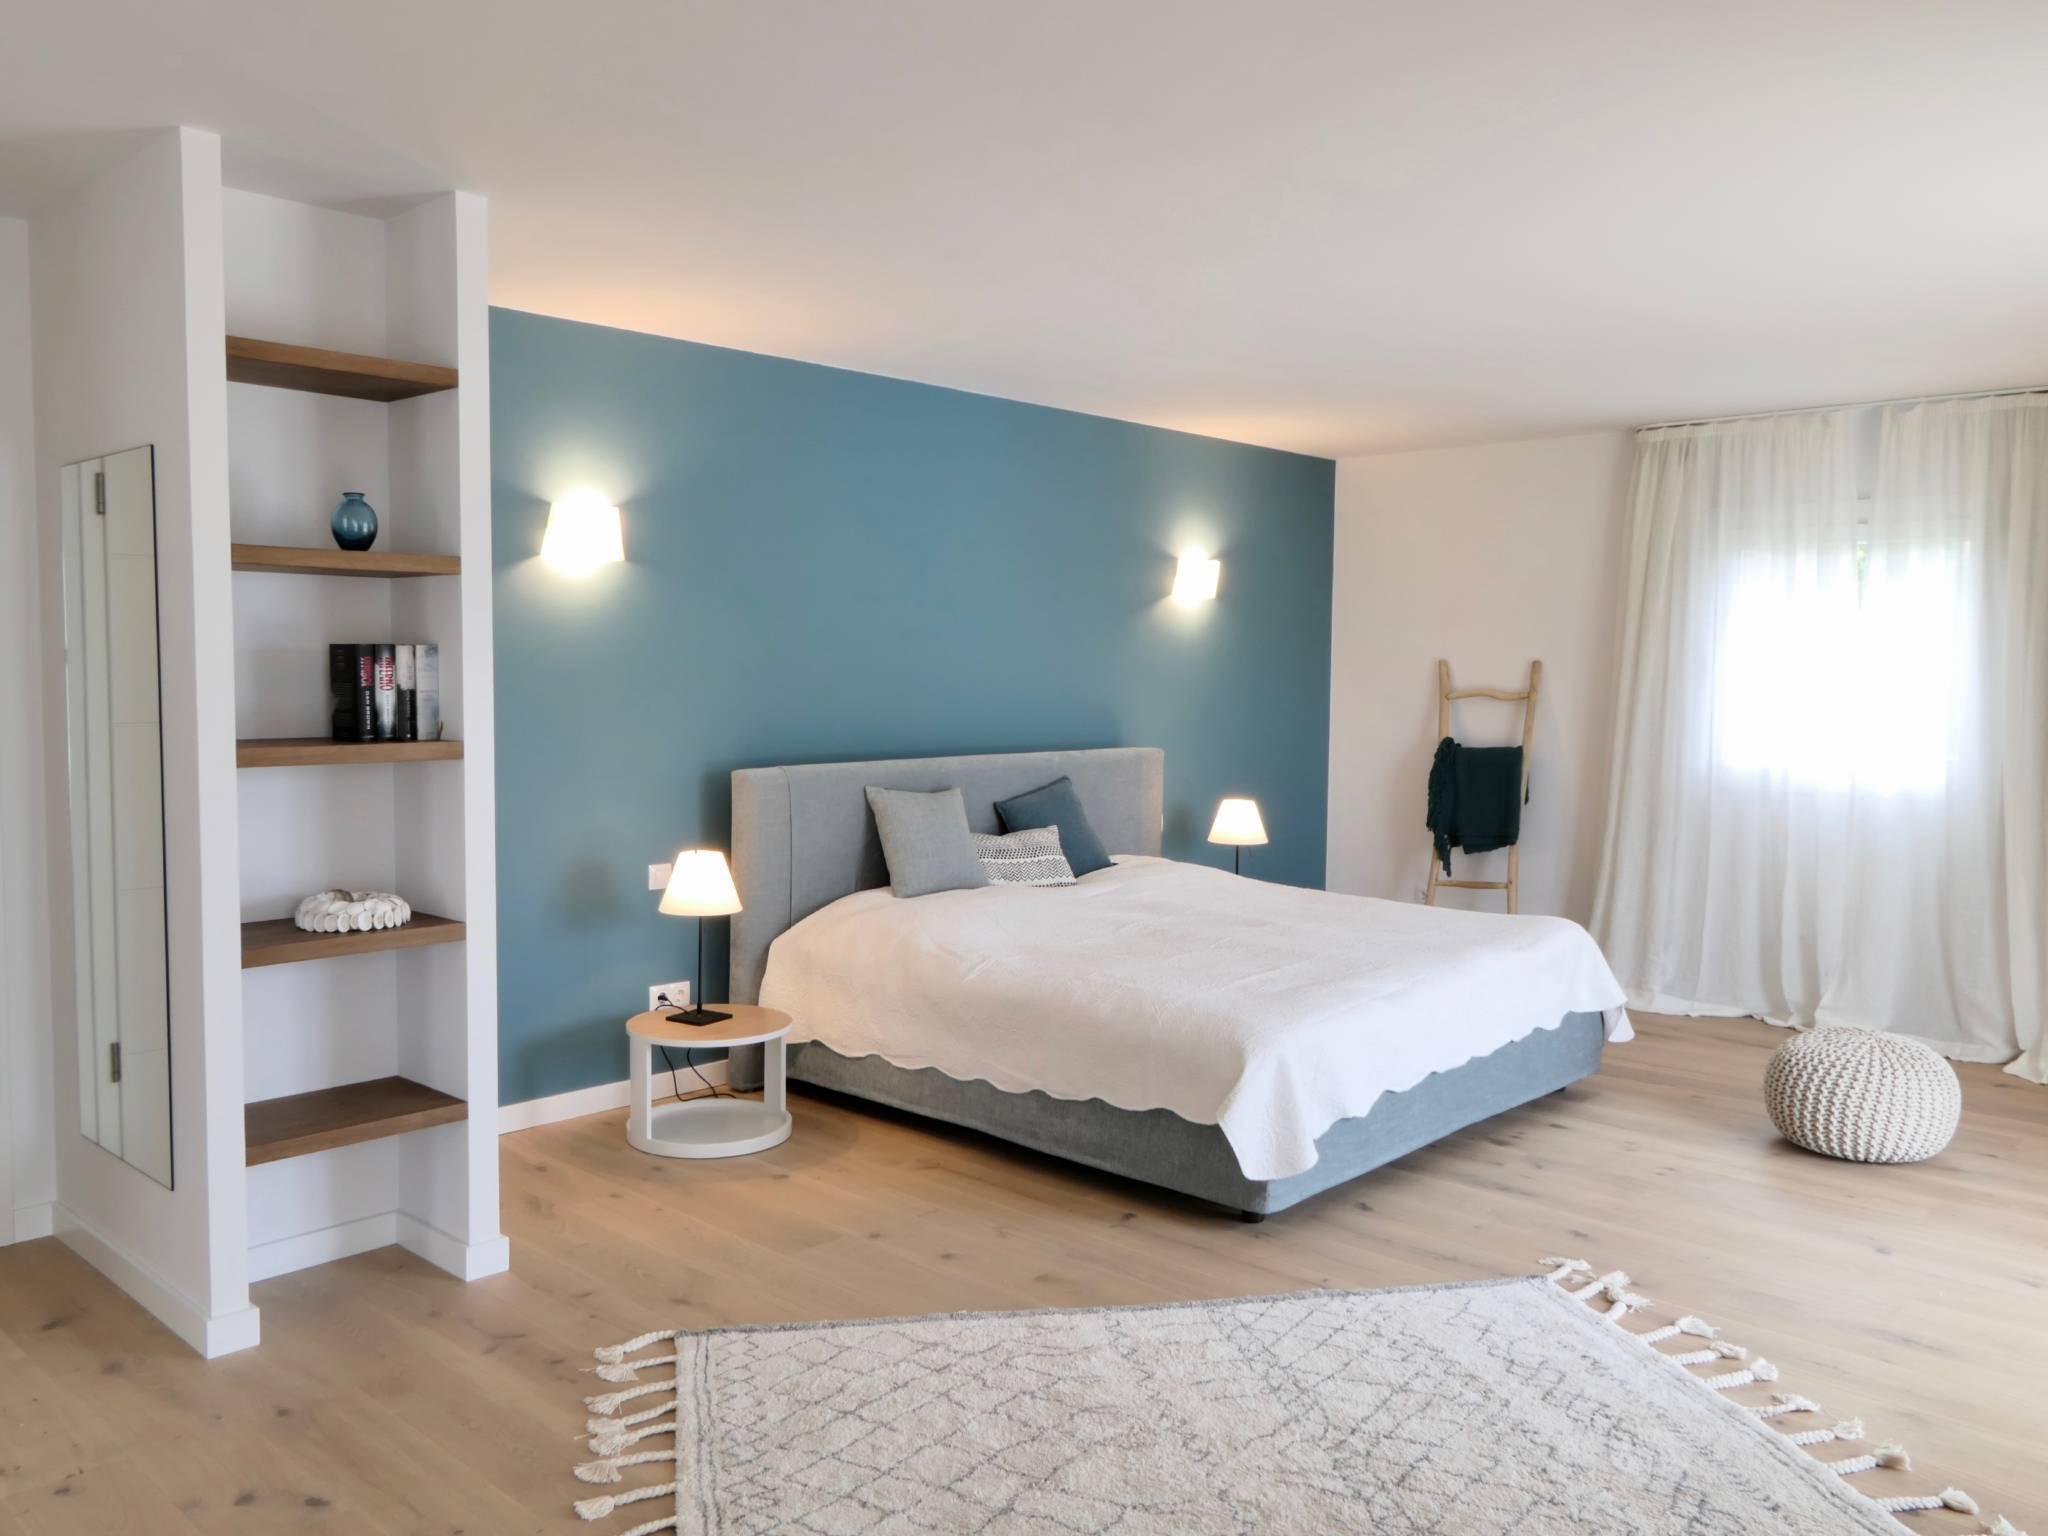 Schlafzimmer nit Bad en Suite 50 qm.